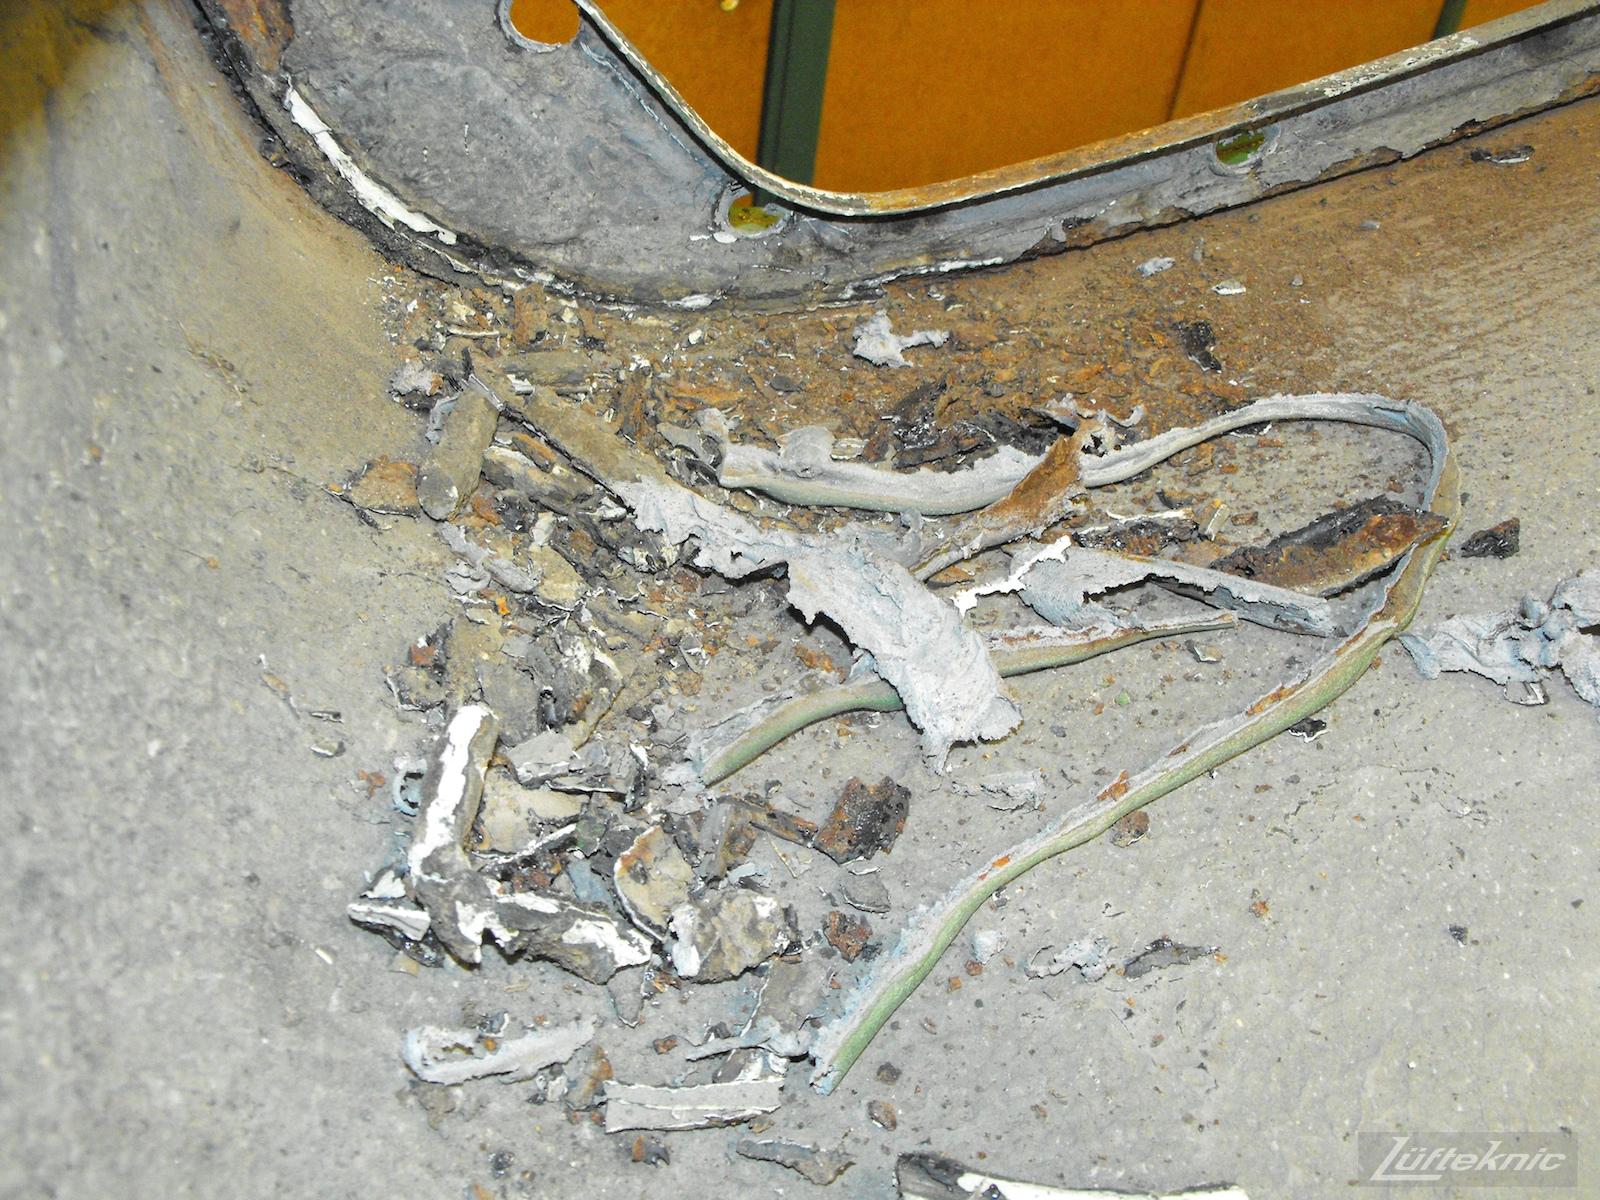 Debris removed from an Irish Green Porsche 912 undergoing restoration at Lufteknic.